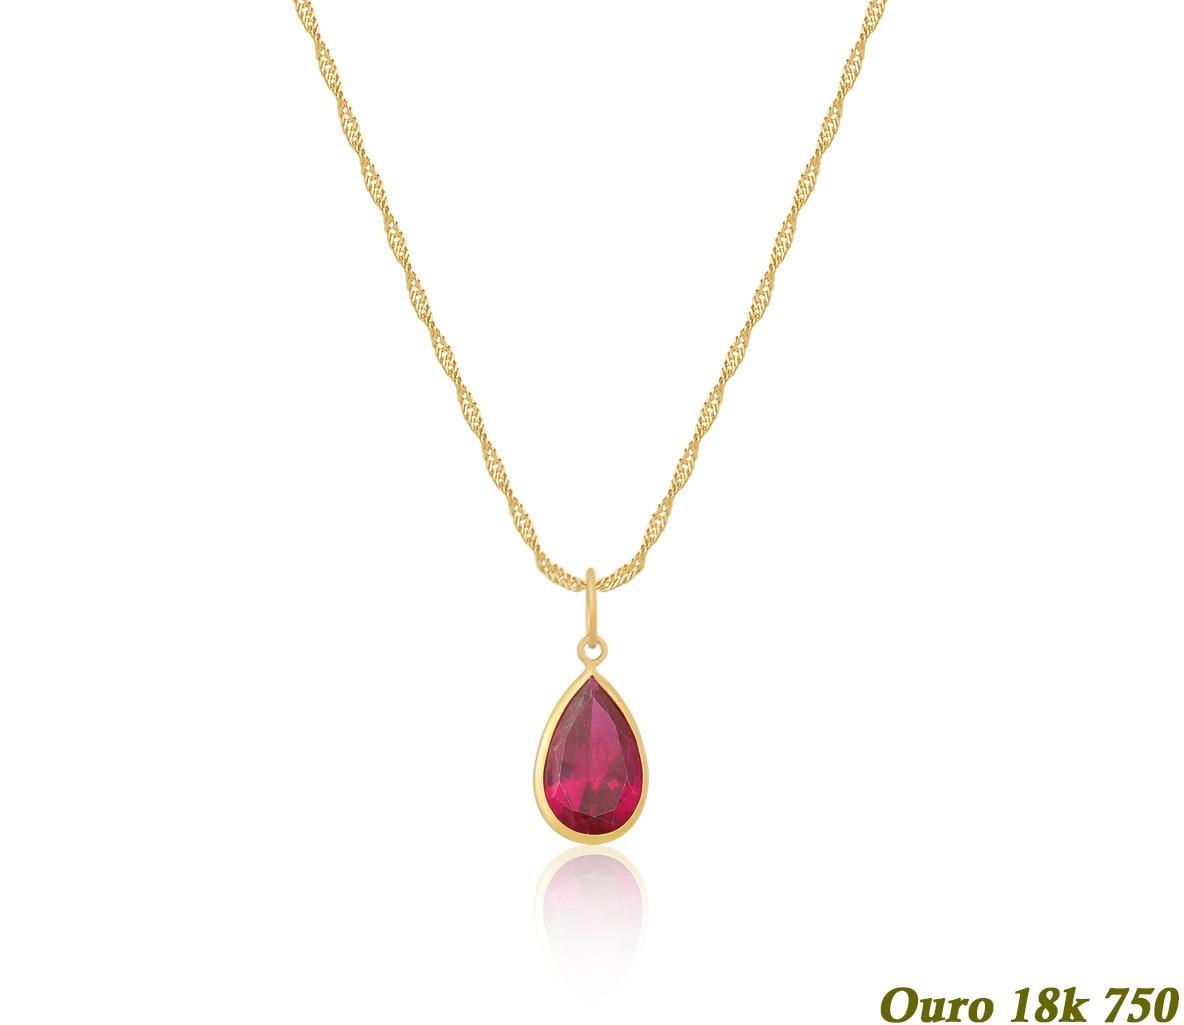 d7ded07aa2ae6 cordão singapura ouro 18k 750 45cm e pingente vermelho rubi. Carregando  zoom.